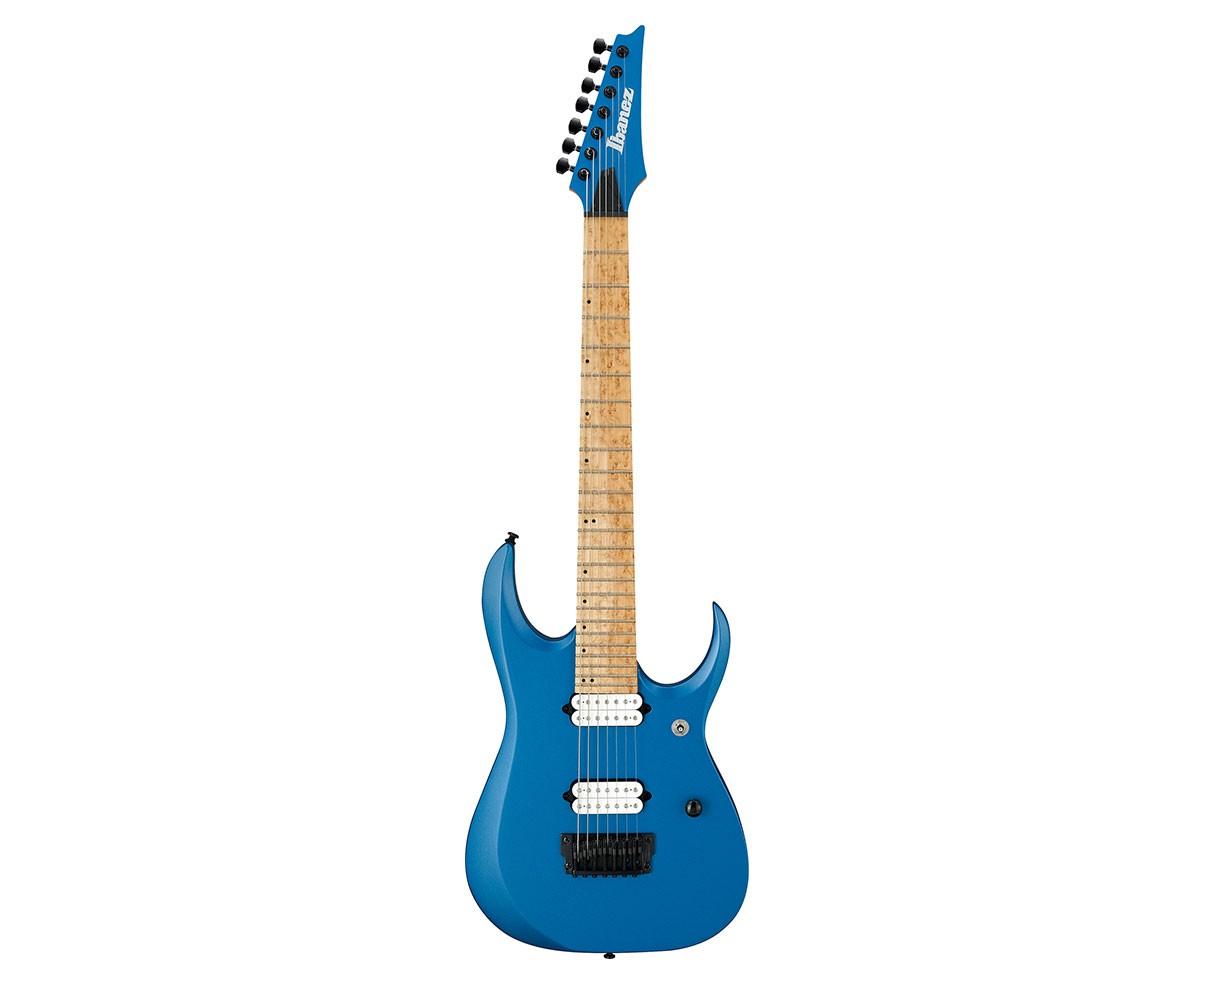 ibanez rgd iron label 7 string electric guitar laser blue matte electric guitars guitar bass. Black Bedroom Furniture Sets. Home Design Ideas